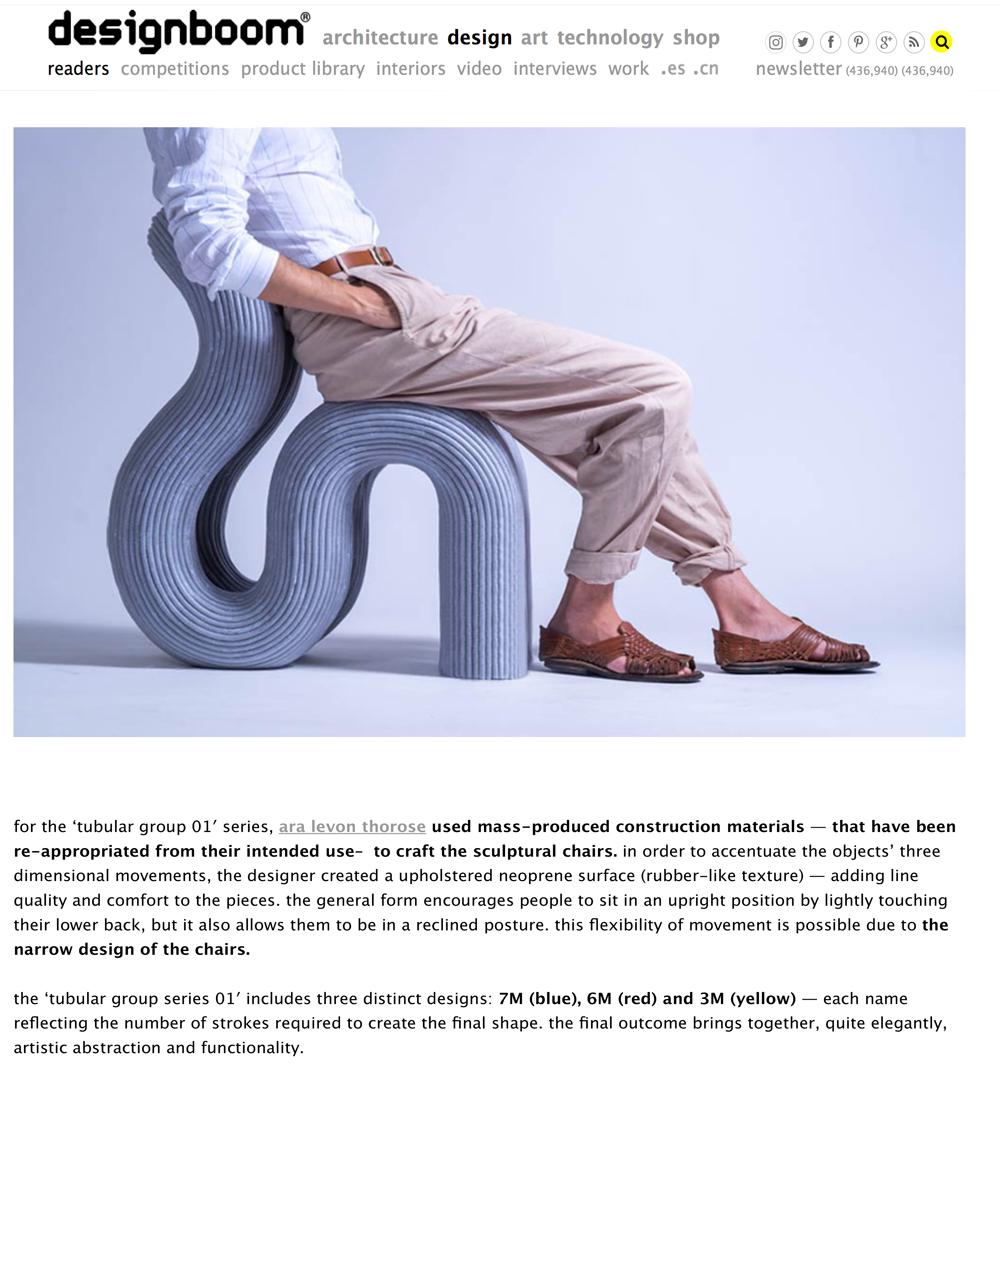 designboom-7M-page2.jpg